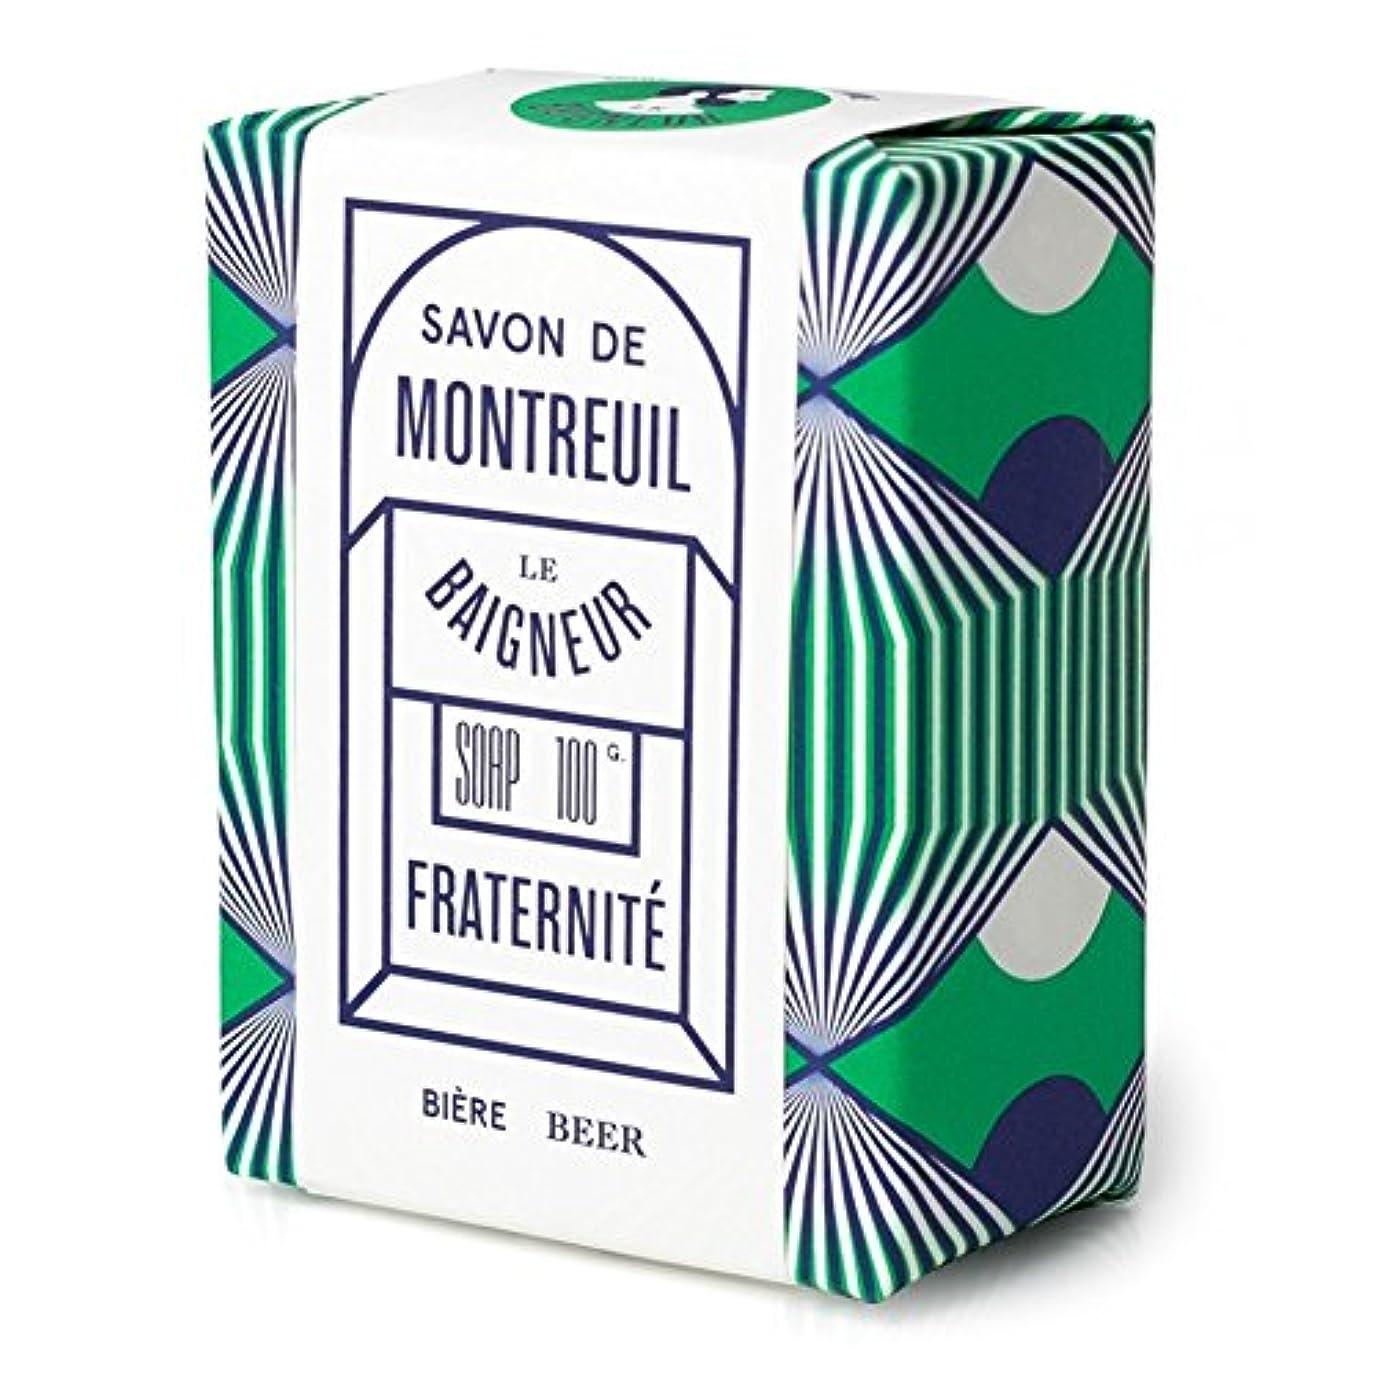 毒性策定する肝Le Baigneur Fraternite Soap 100g - ル 石鹸100グラム [並行輸入品]